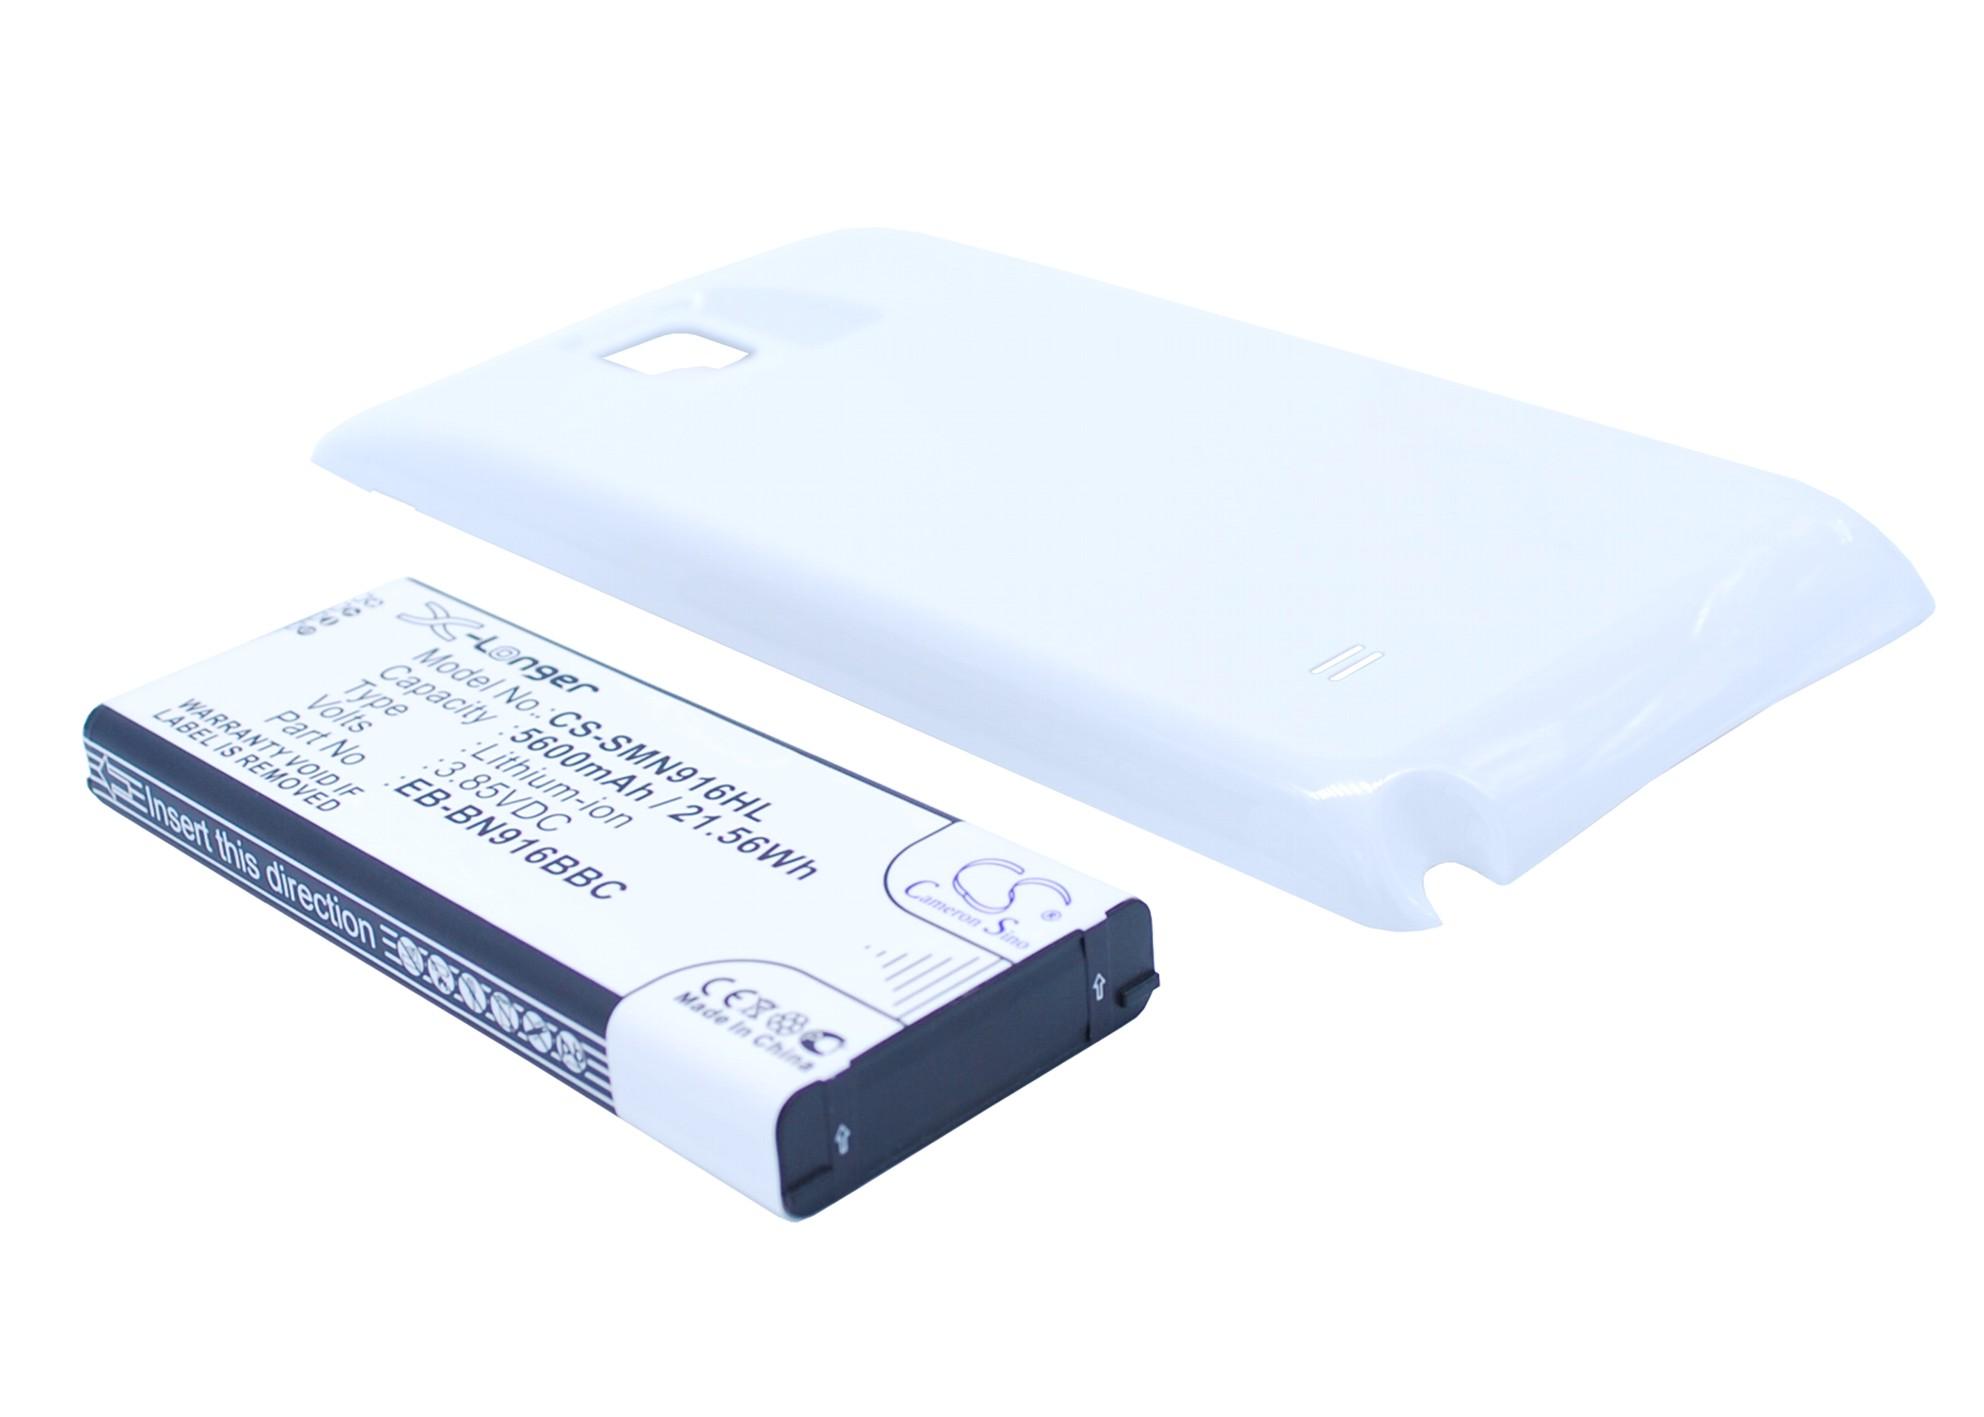 Cameron Sino baterie do mobilů pro SAMSUNG SM-N910F 3.85V Li-ion 5600mAh bílá - neoriginální